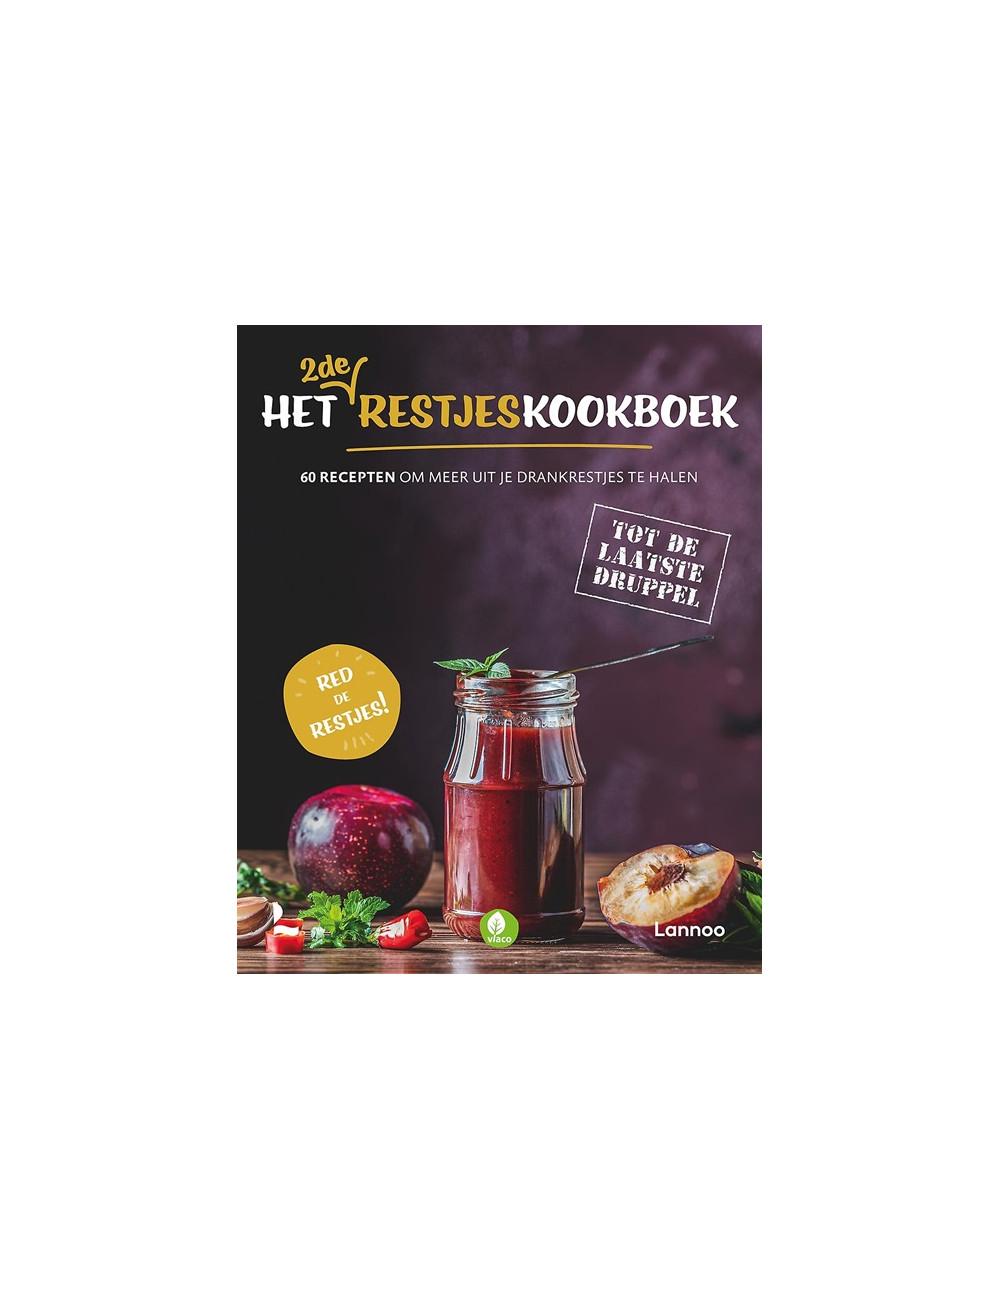 Boek | het 2de restjeskookboek